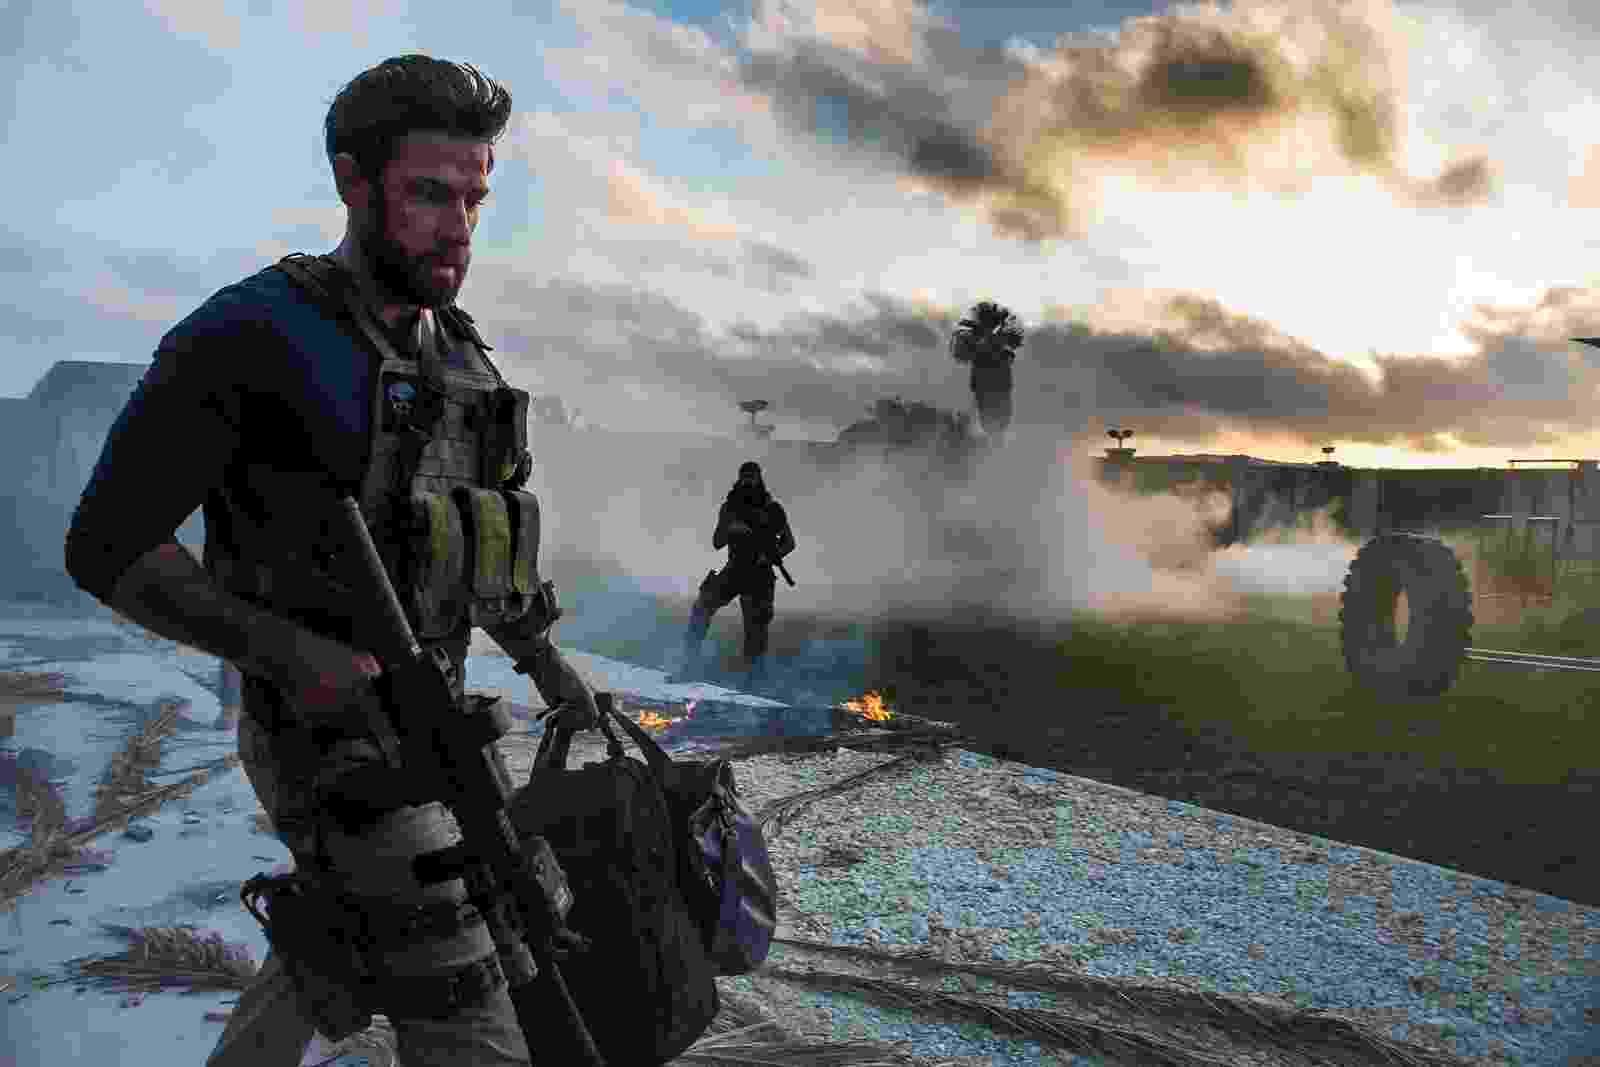 """Cena de """"13 Horas: Os Soldados Secretos de Benghazi"""" - Divulgação"""